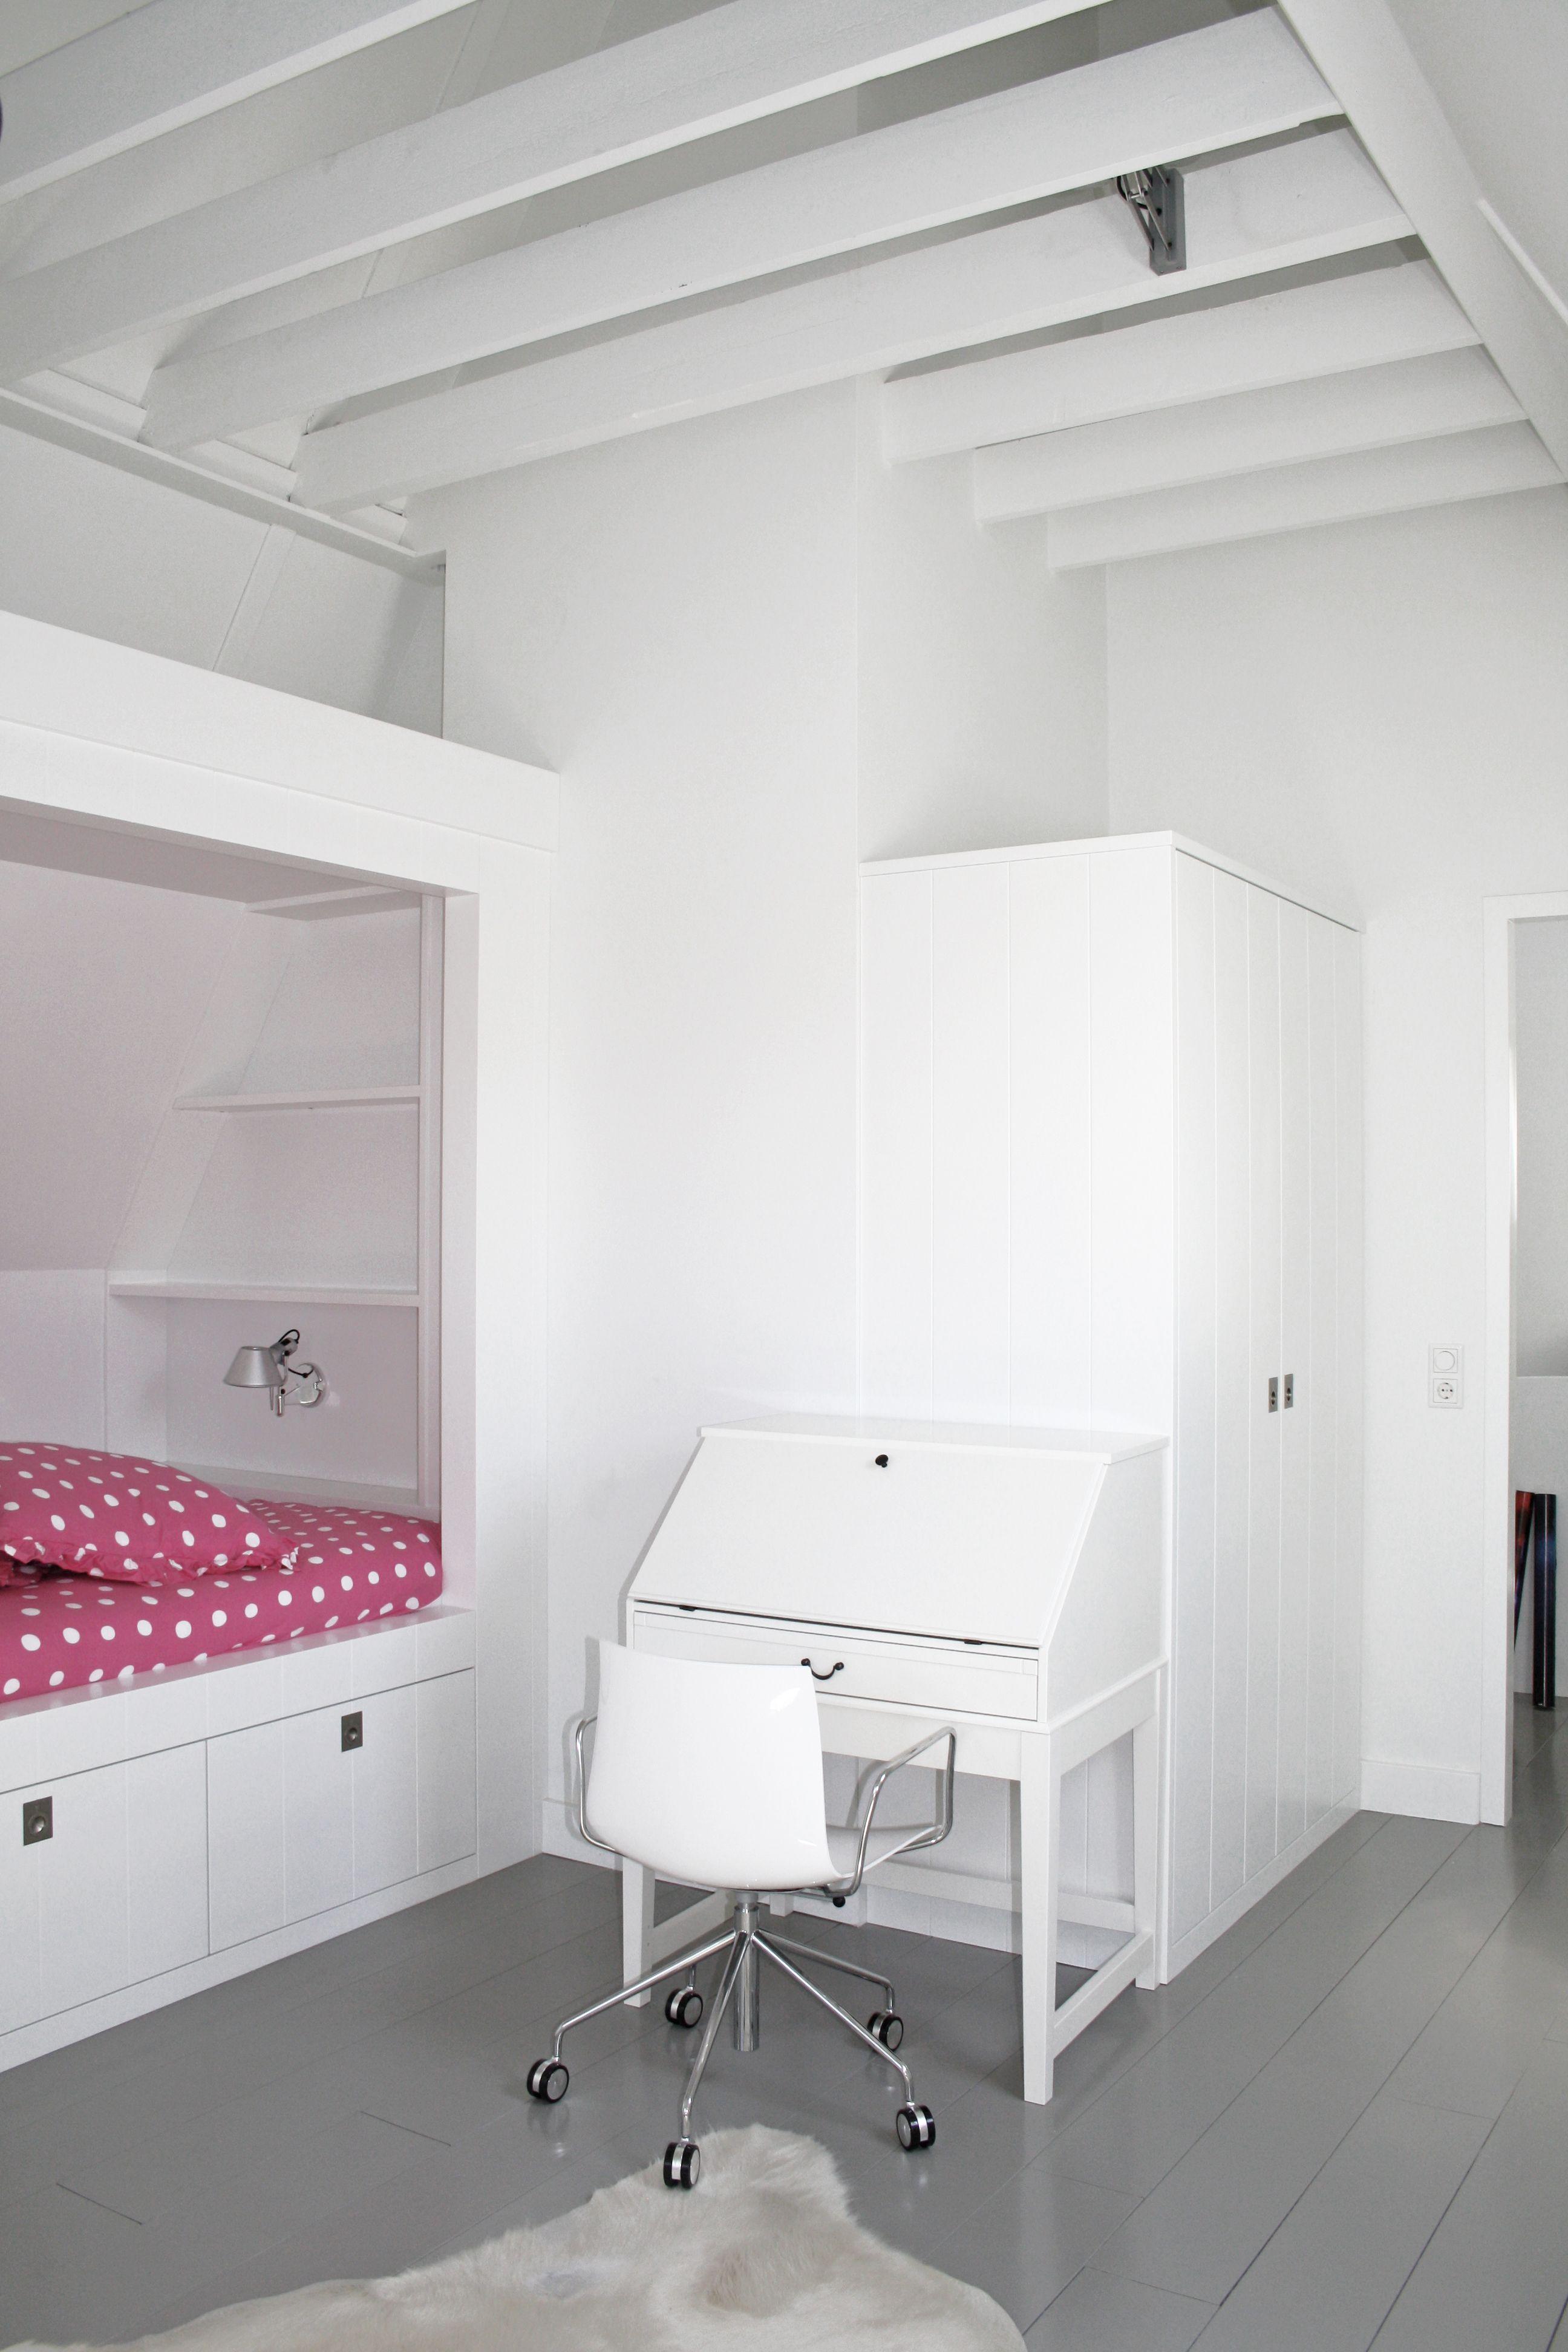 Slaapkamer, bed onder schuin dak, grijze houten vloer | Mijn ...